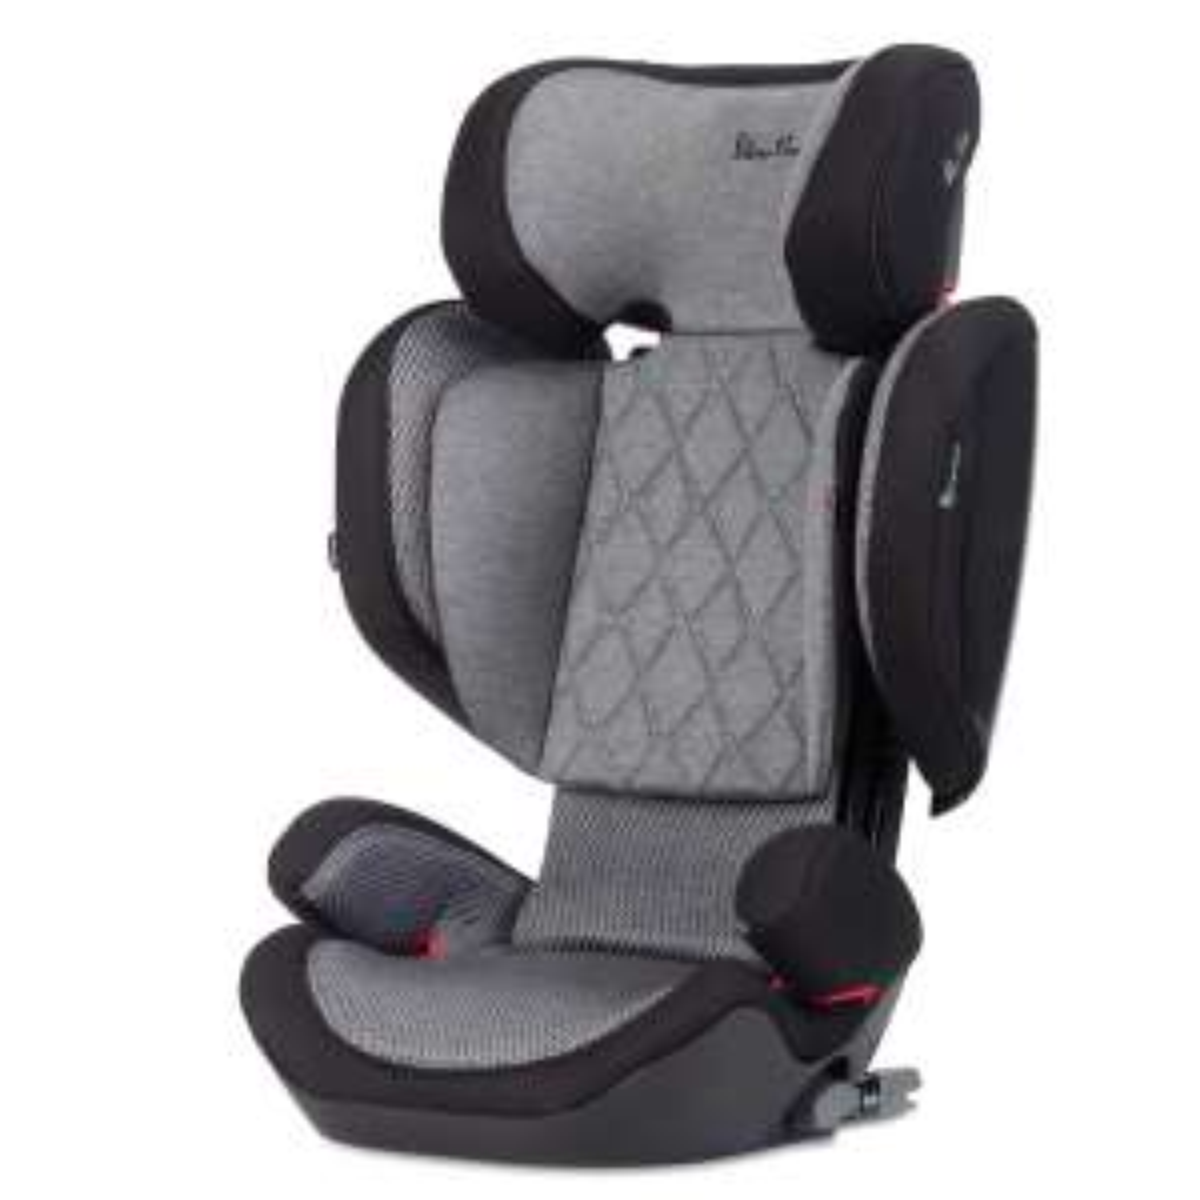 Silver Cross Discover Group 2/3 Car Seat, Brooklands - £89 delivered @ Samueljohnston